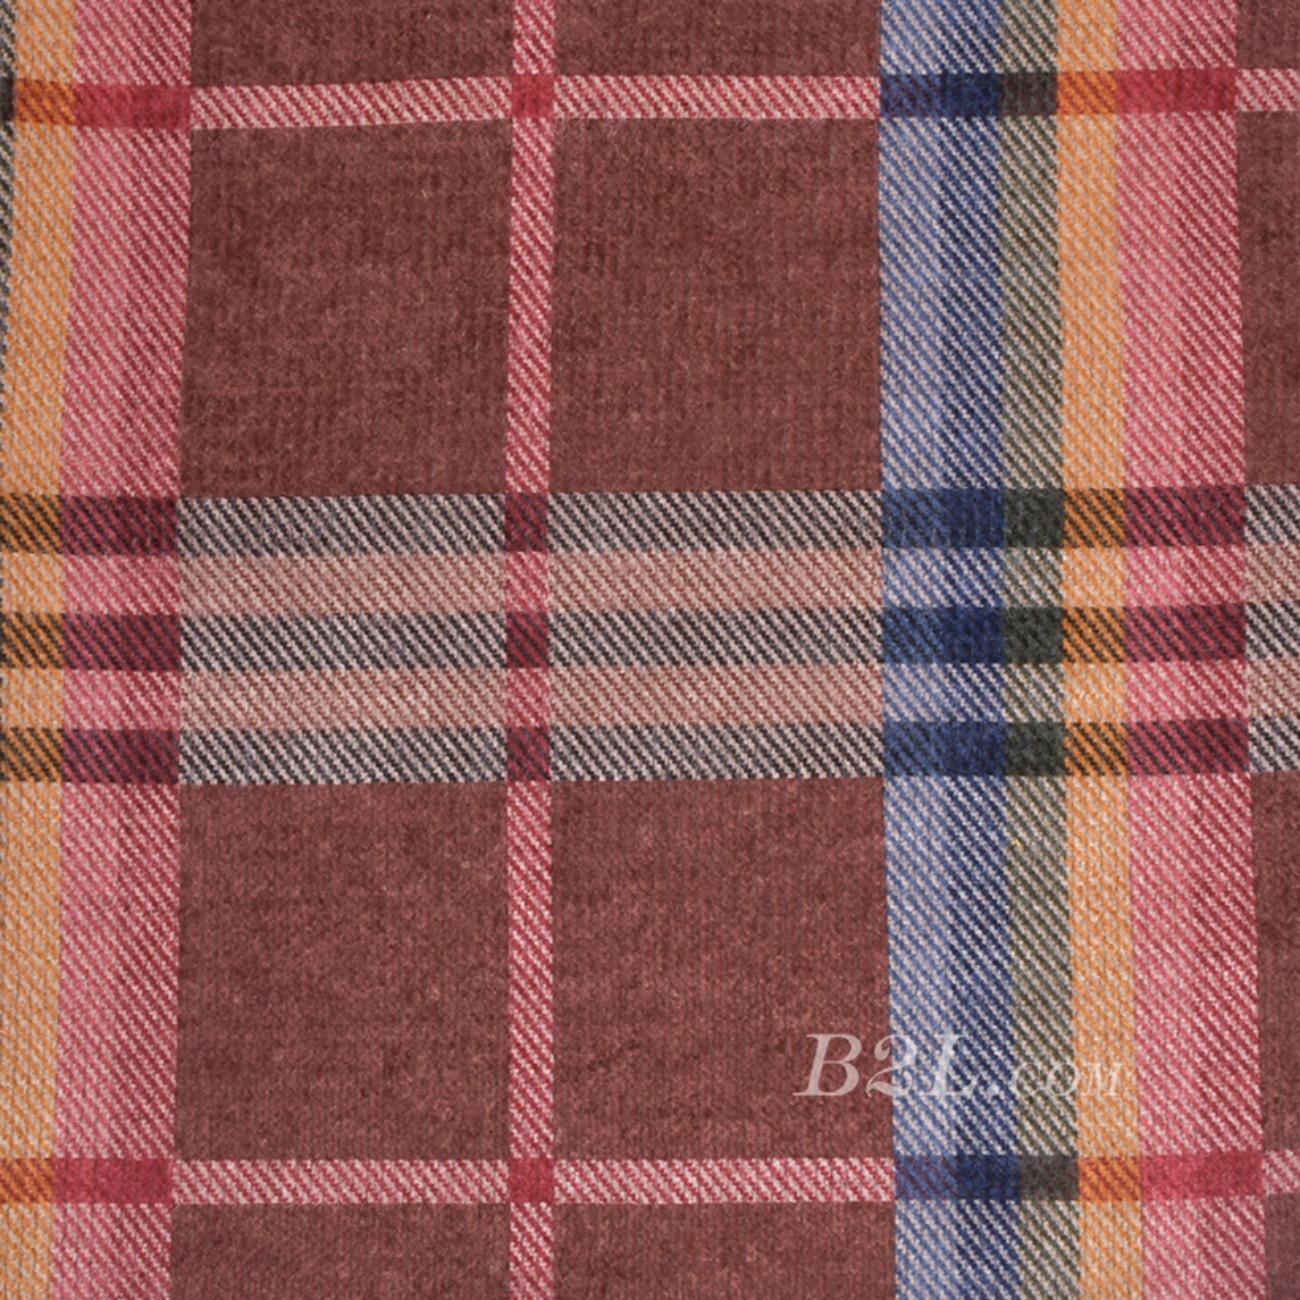 毛纺 格子 粗纺 毛感 色织 低弹 秋冬 大衣 外套 女装 81028-11